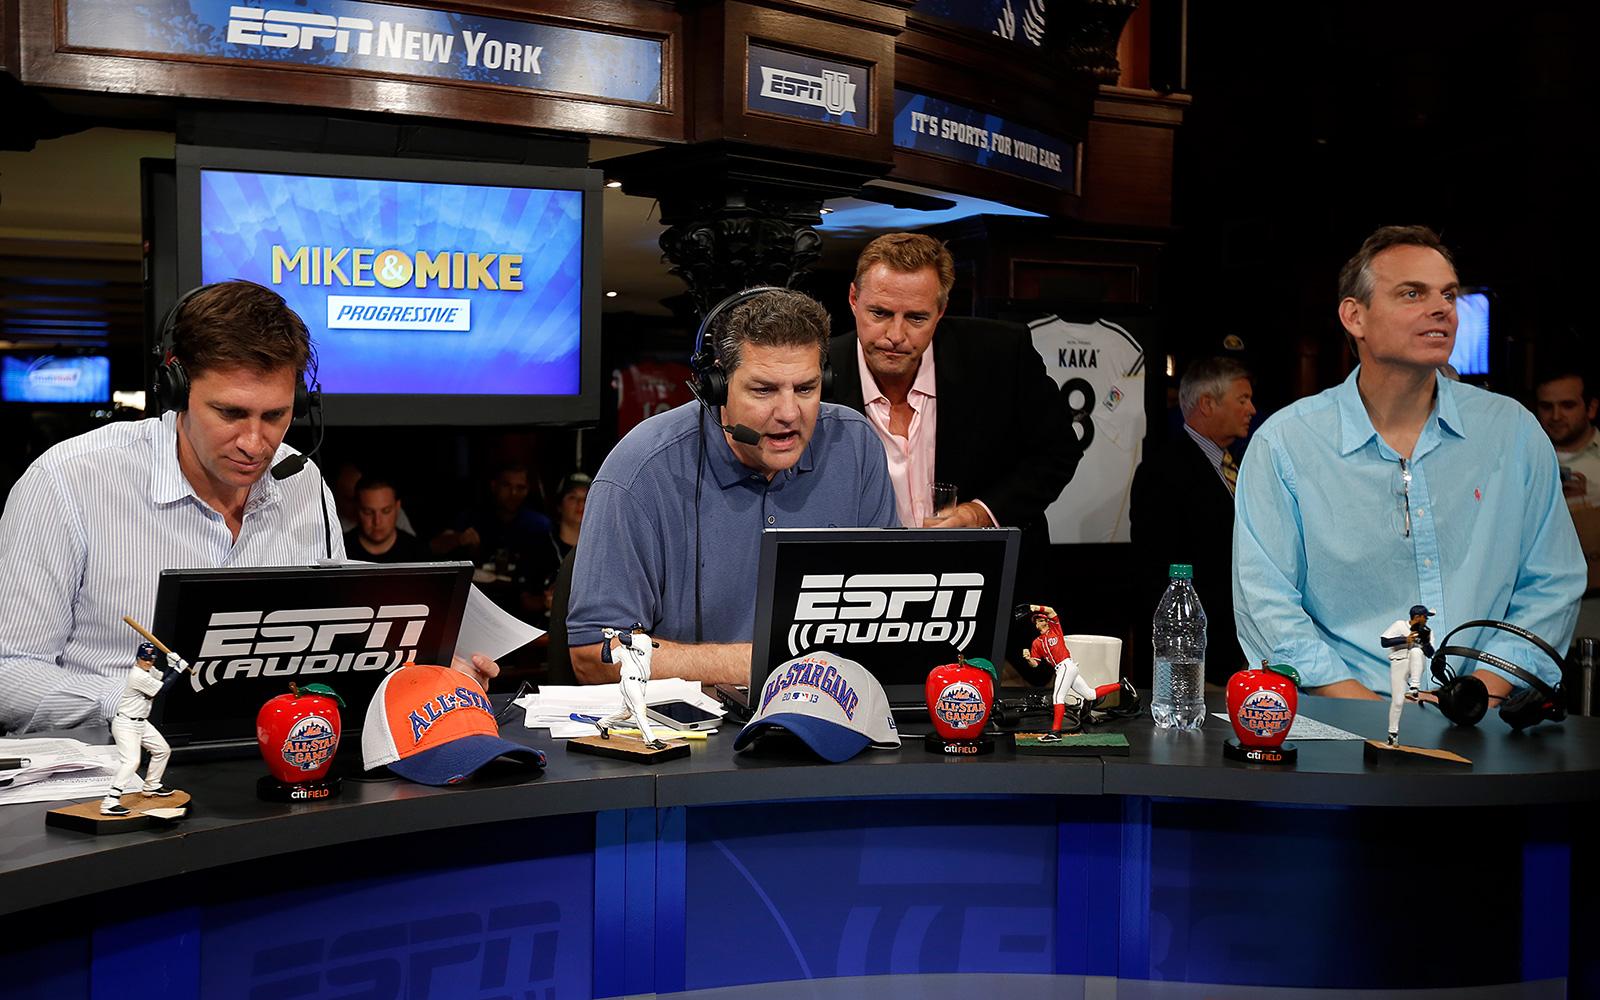 ESPN Radio in NY